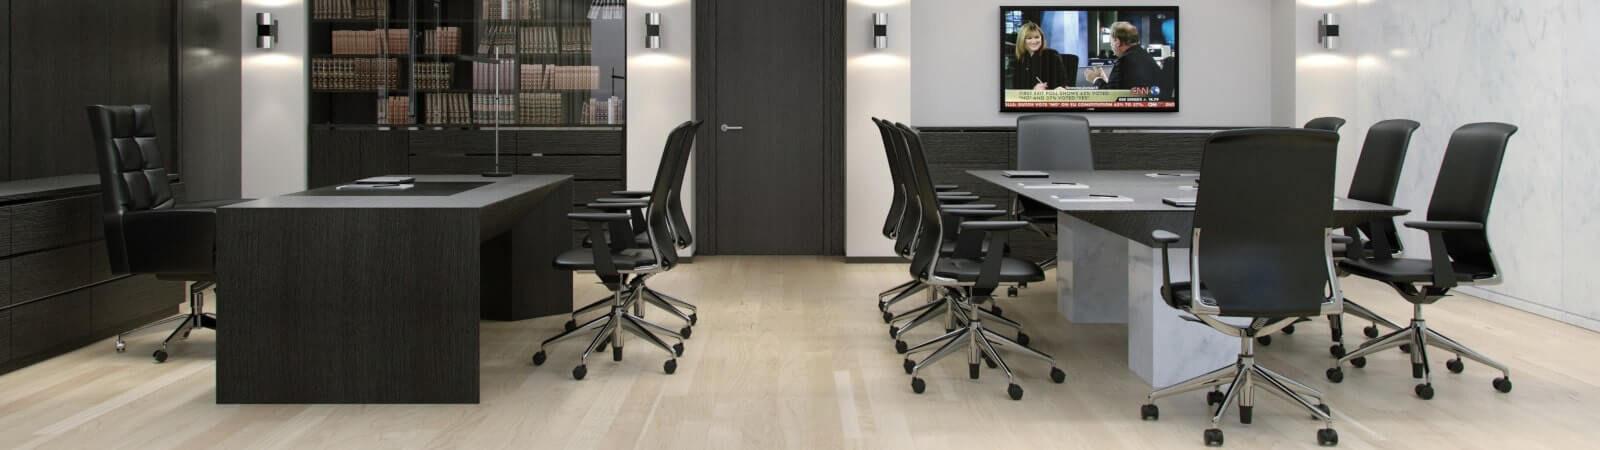 Особливості ремонту офісних приміщень